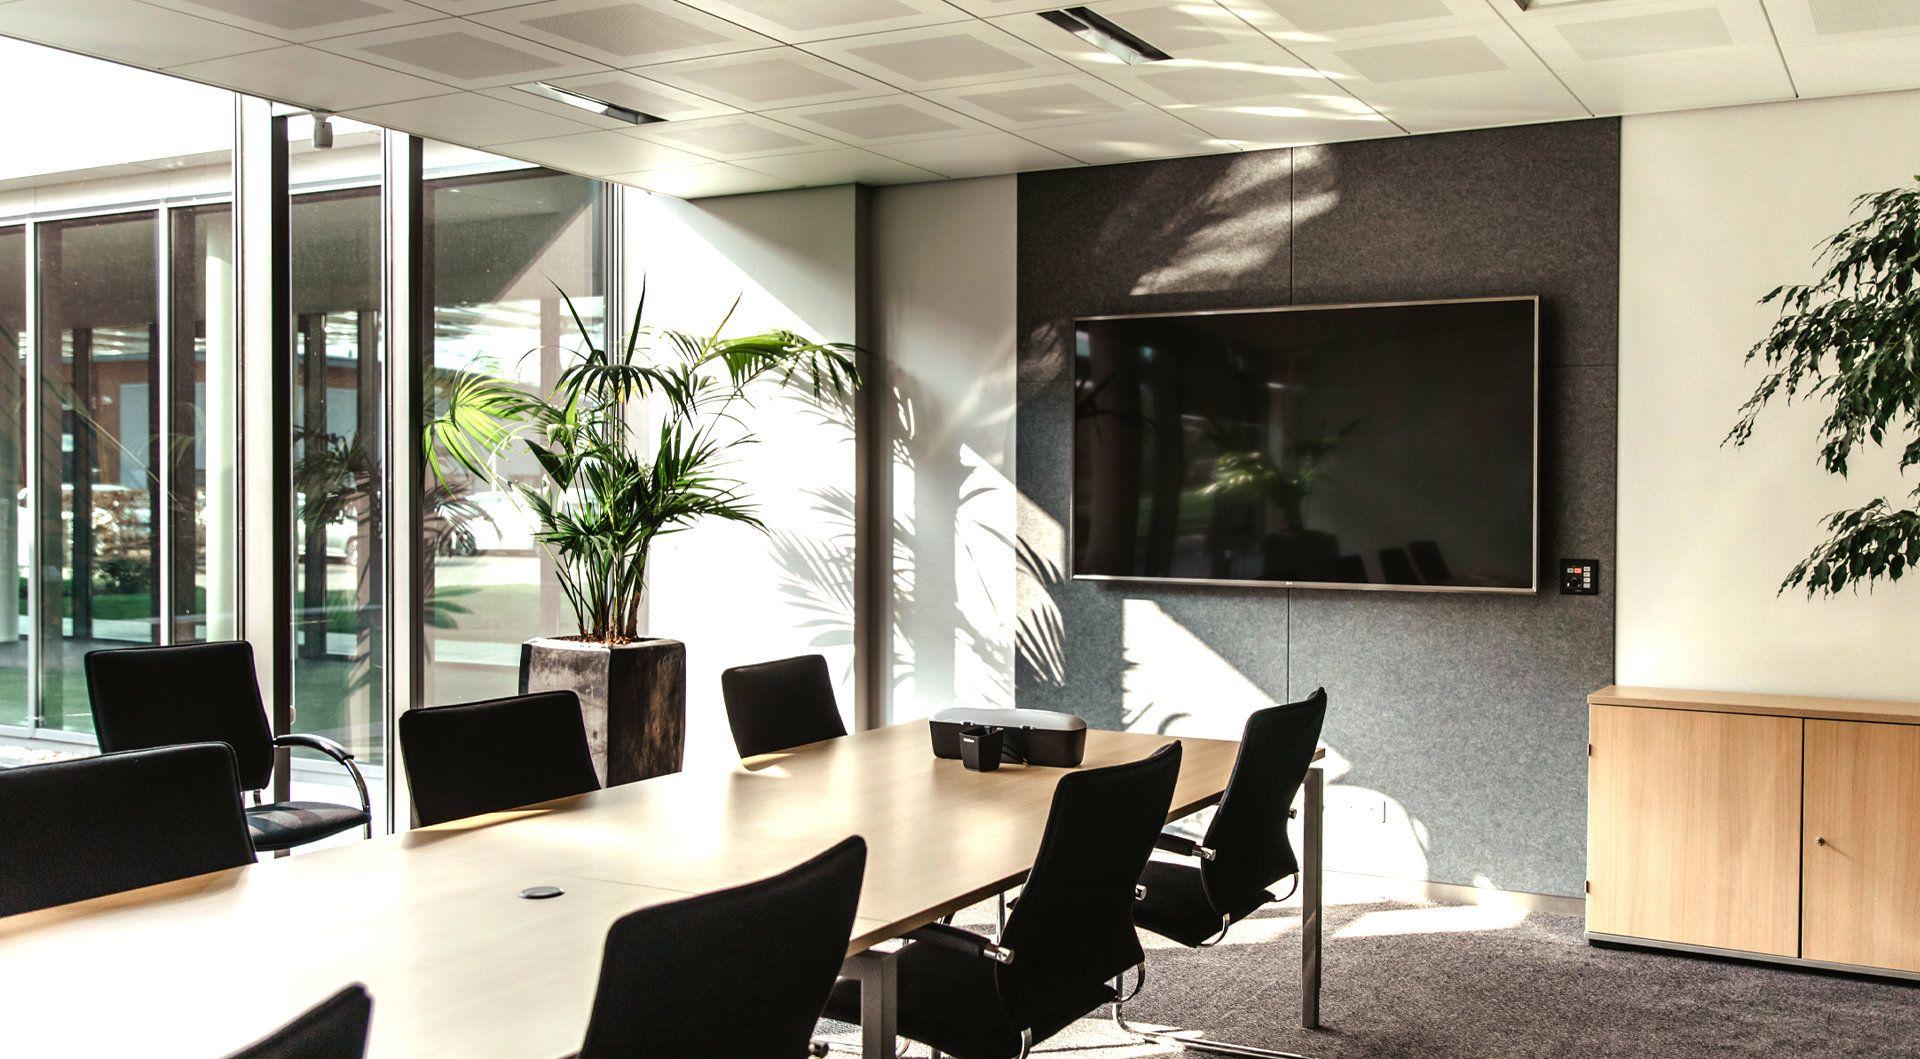 Benq LK970 beamer/projector 5000 ANSI lumens DLP 4K (4096 x 2400) Desktopprojector Zwart - Case studie de vries